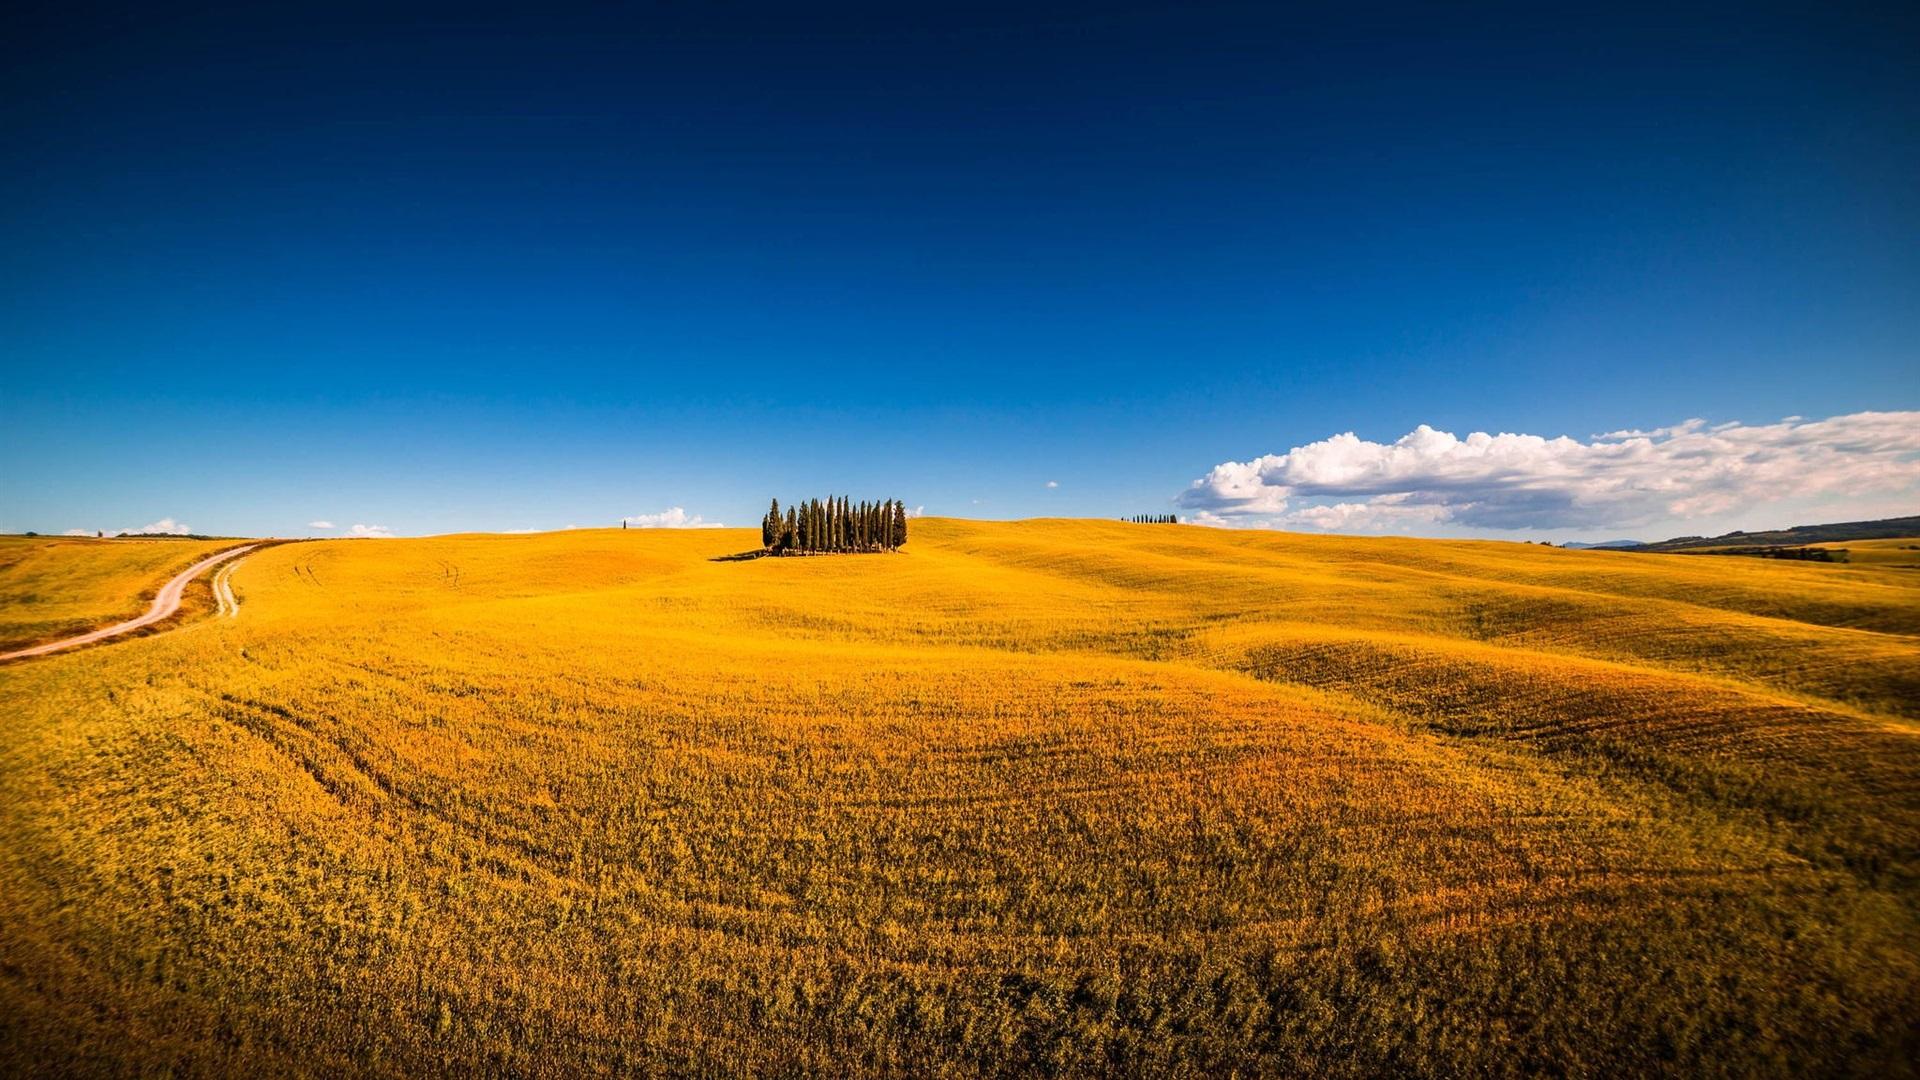 Siena, Montalcino, Sommer, Bäume, Felder Hintergrundbilder ... Trees